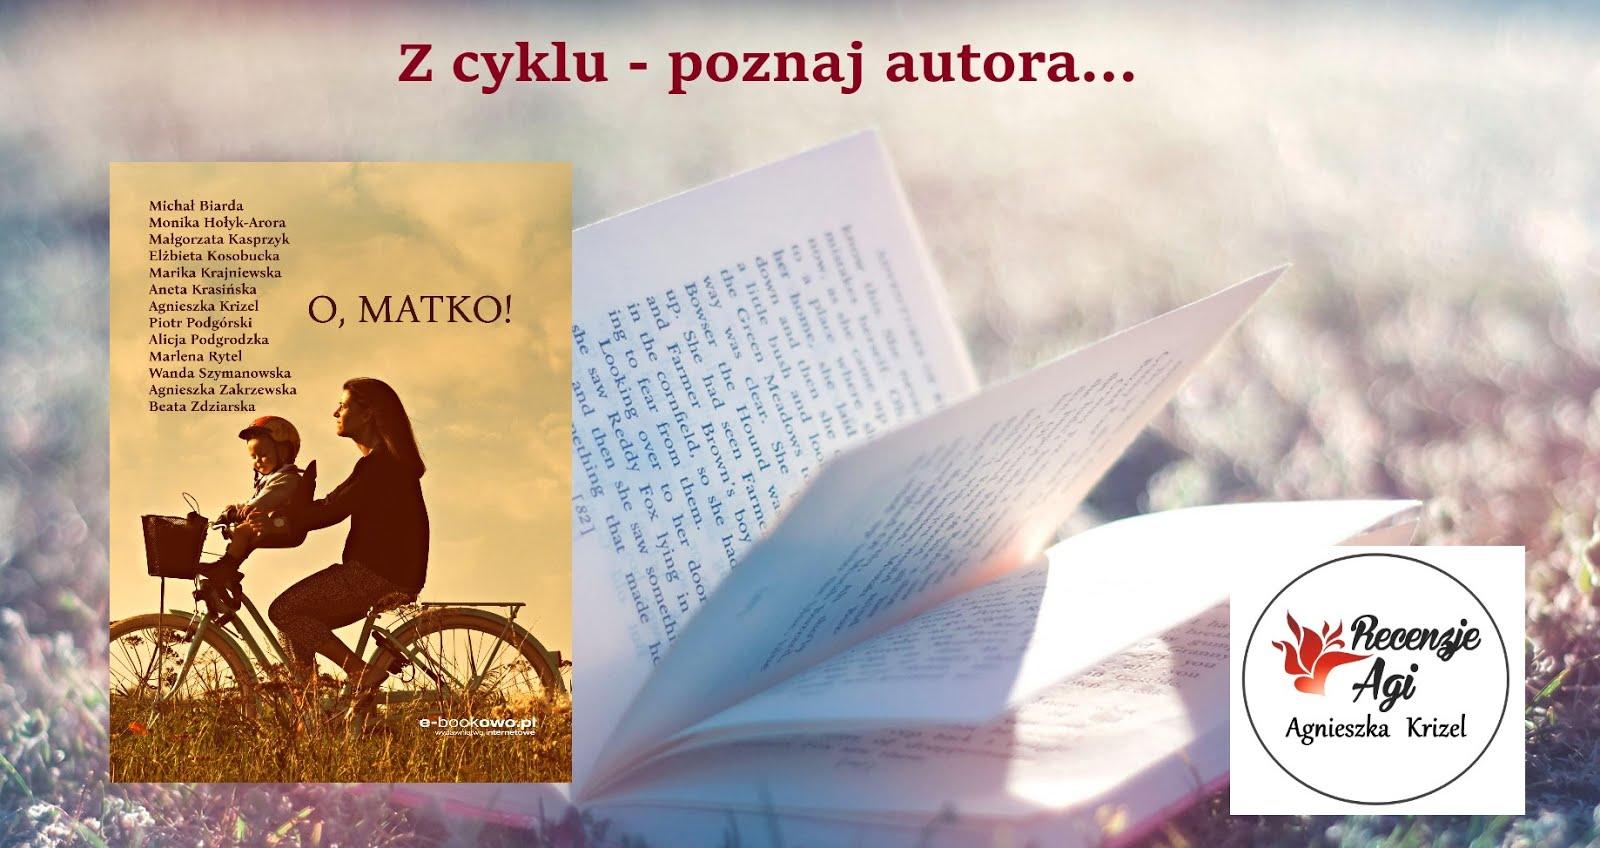 """Z cyklu... poznaj autora antologii """"O, matko!"""""""